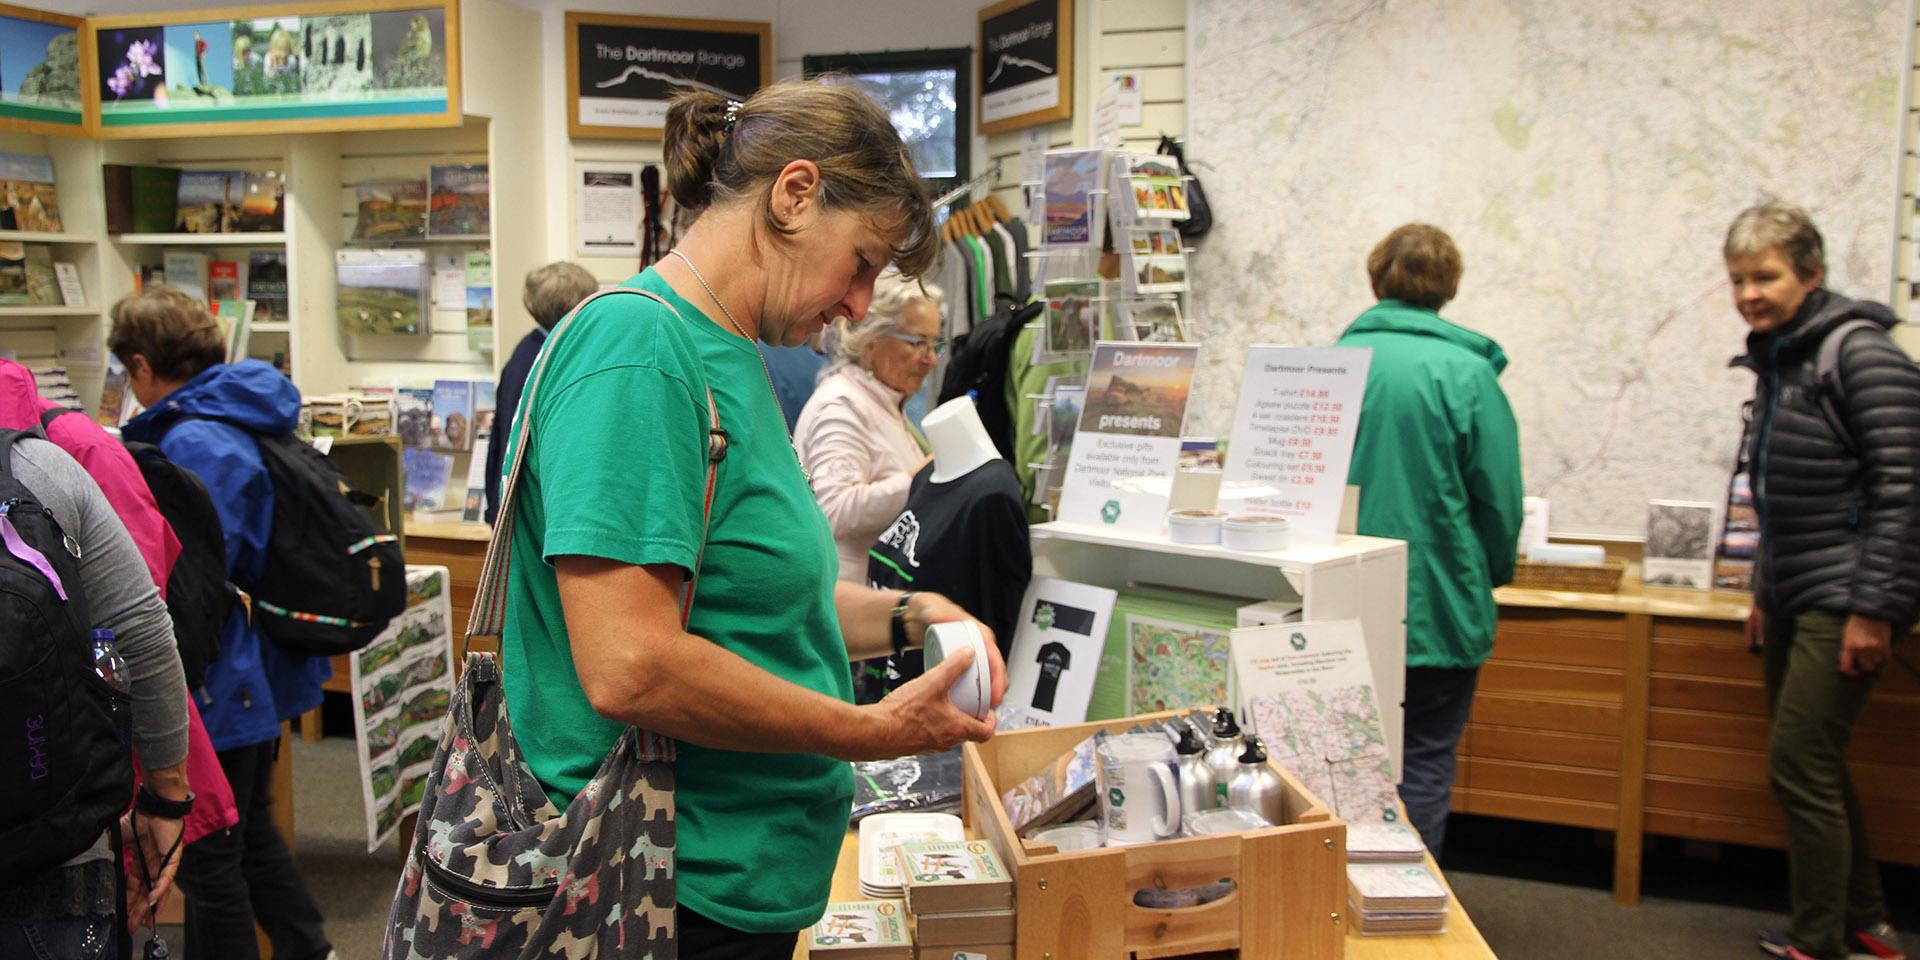 Customer looking at Dartmoor mug